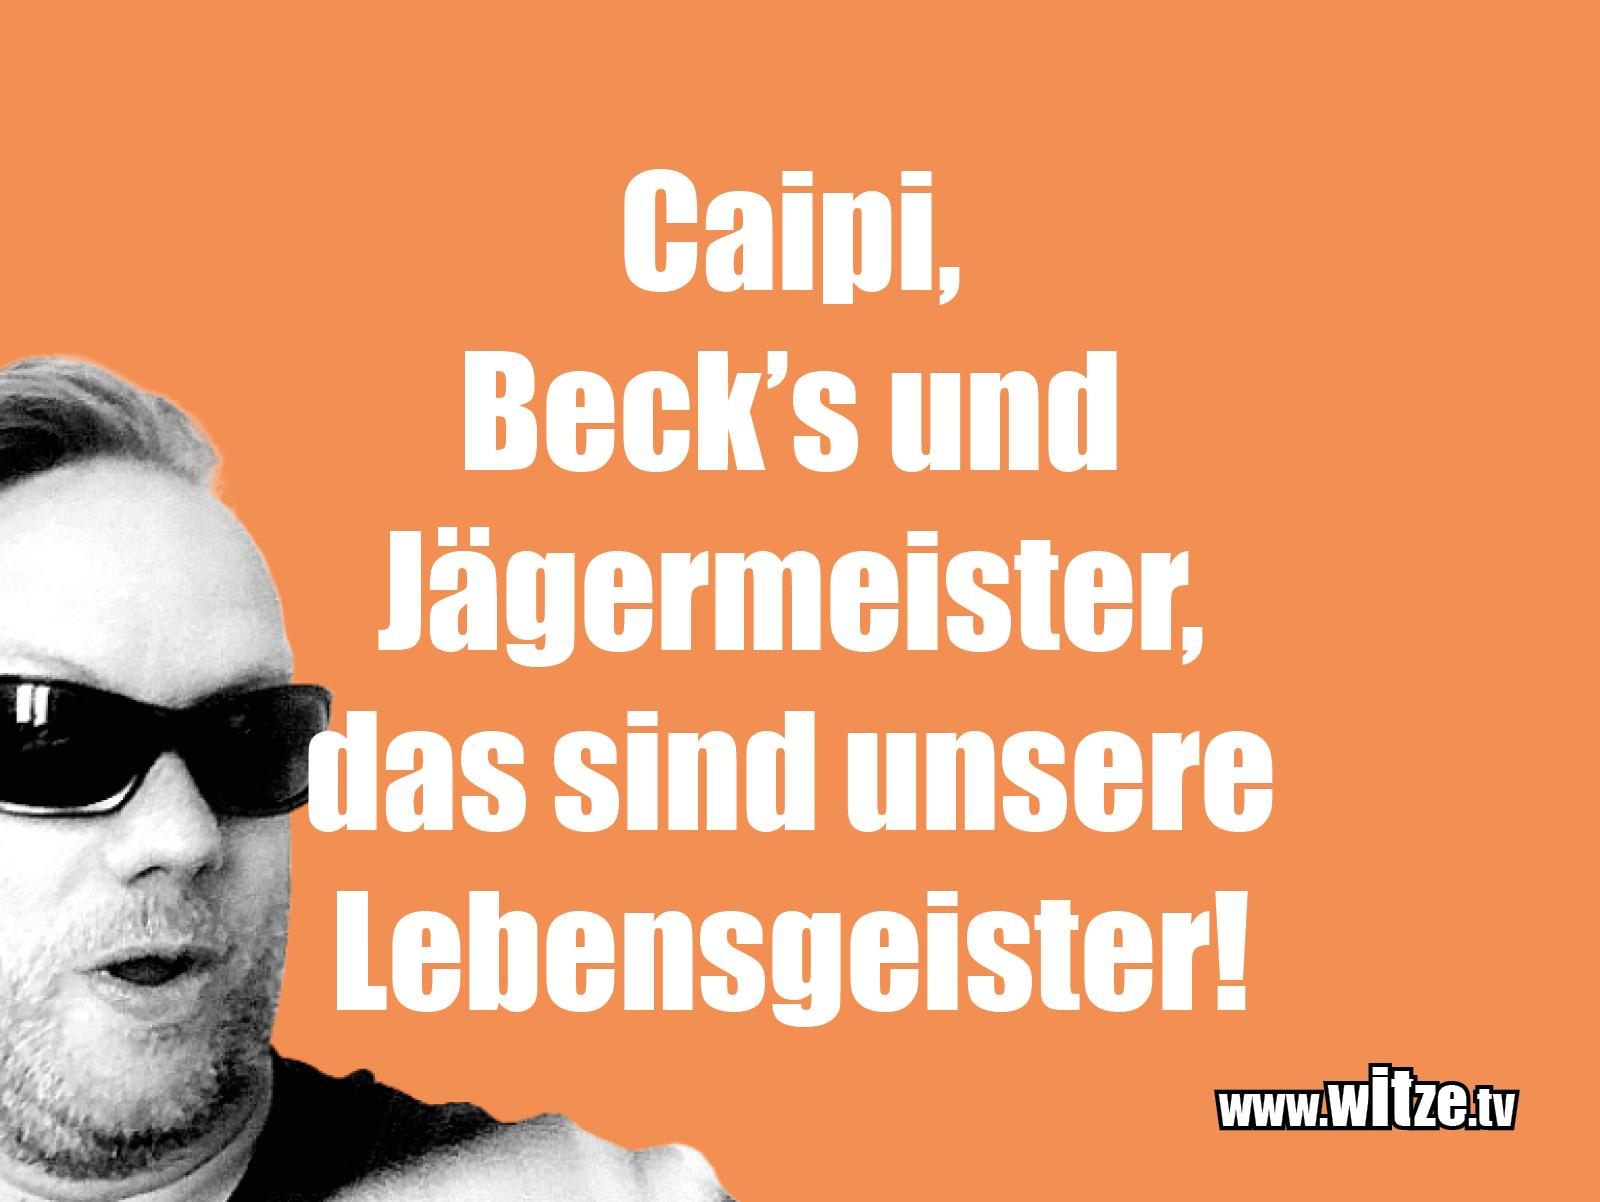 Clown witze!... Caipi, Becks und Jägermeister...